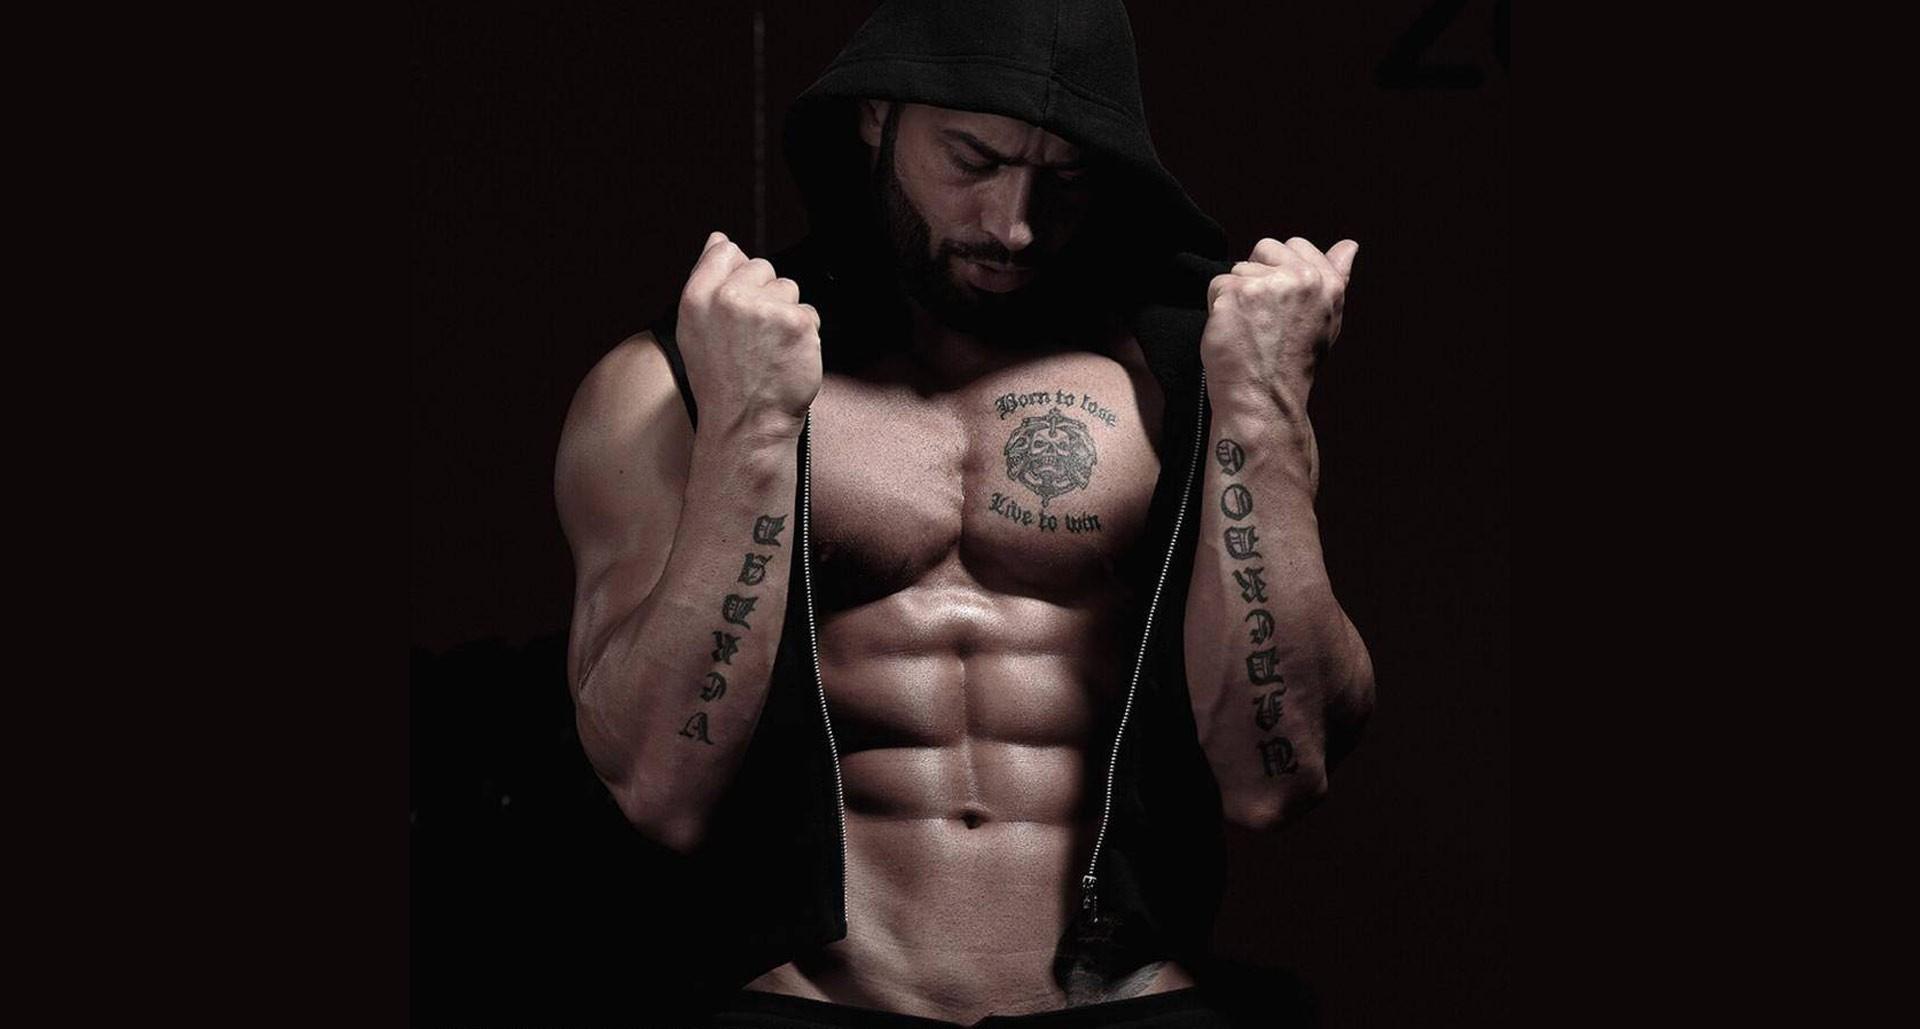 Lazar Angelov Bodybuilder Wiki Biography | NewsRead.in